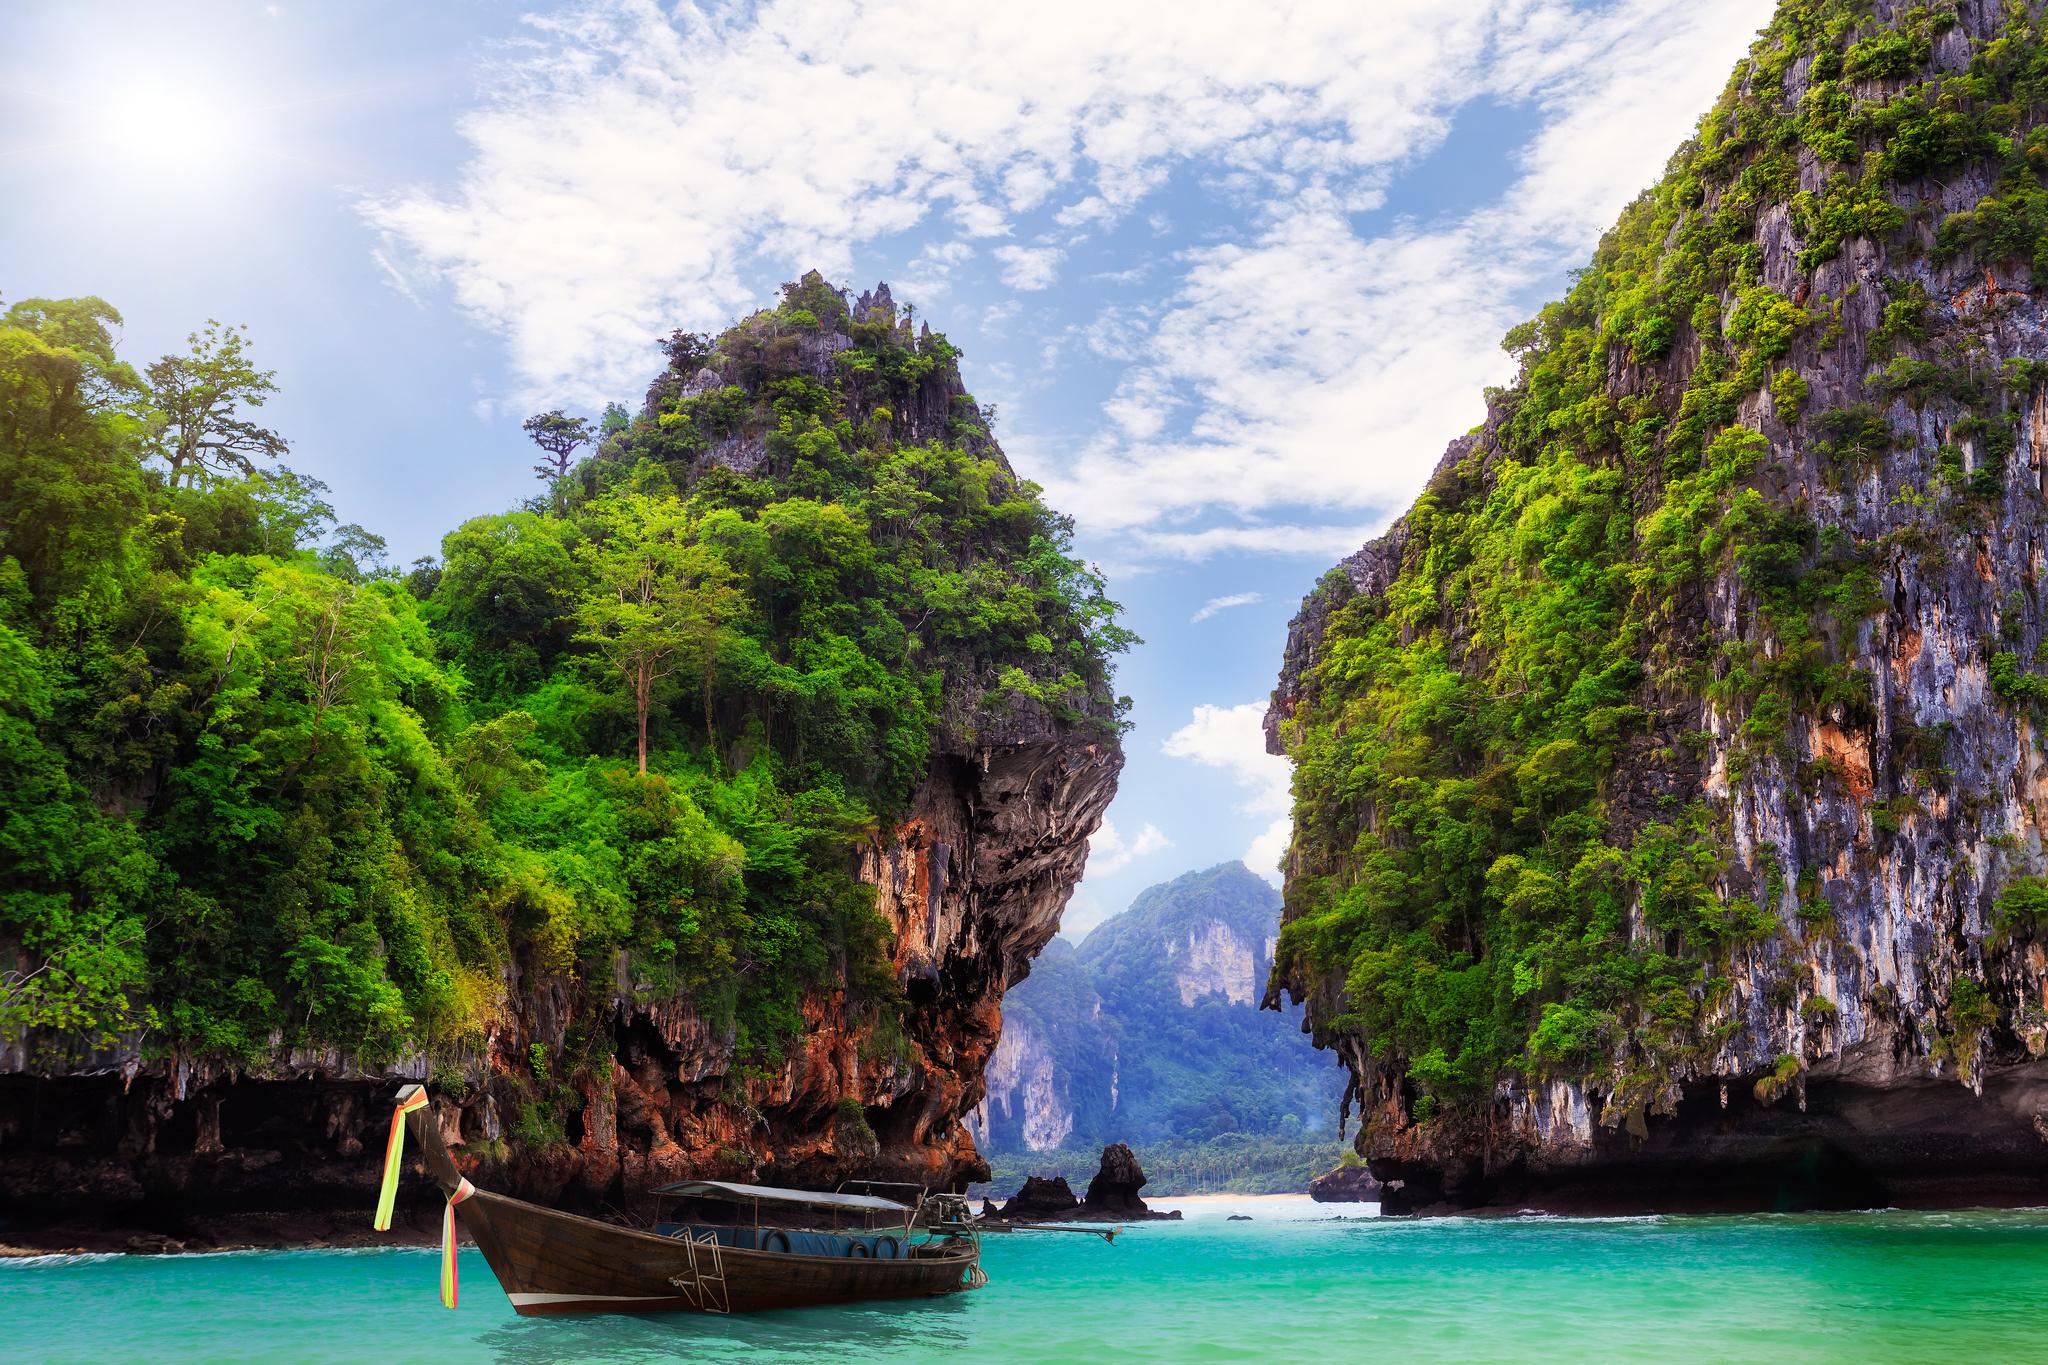 Thailand Wallpaper Desktop - WallpaperSafari